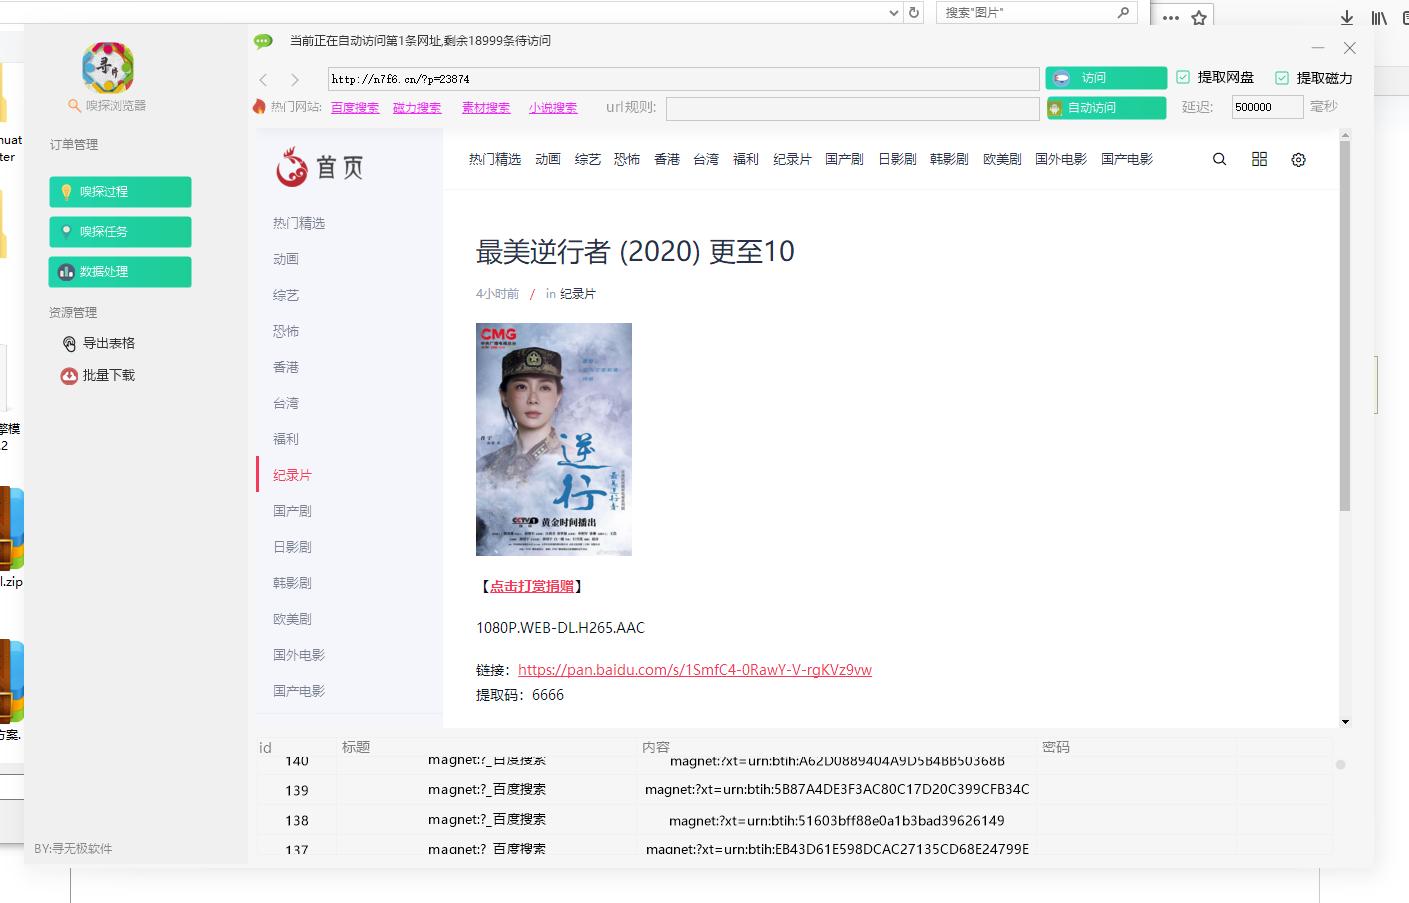 采集浏览器1.0(网盘采集/磁力采集/可视化采集/可自动化编辑URL规则访问)